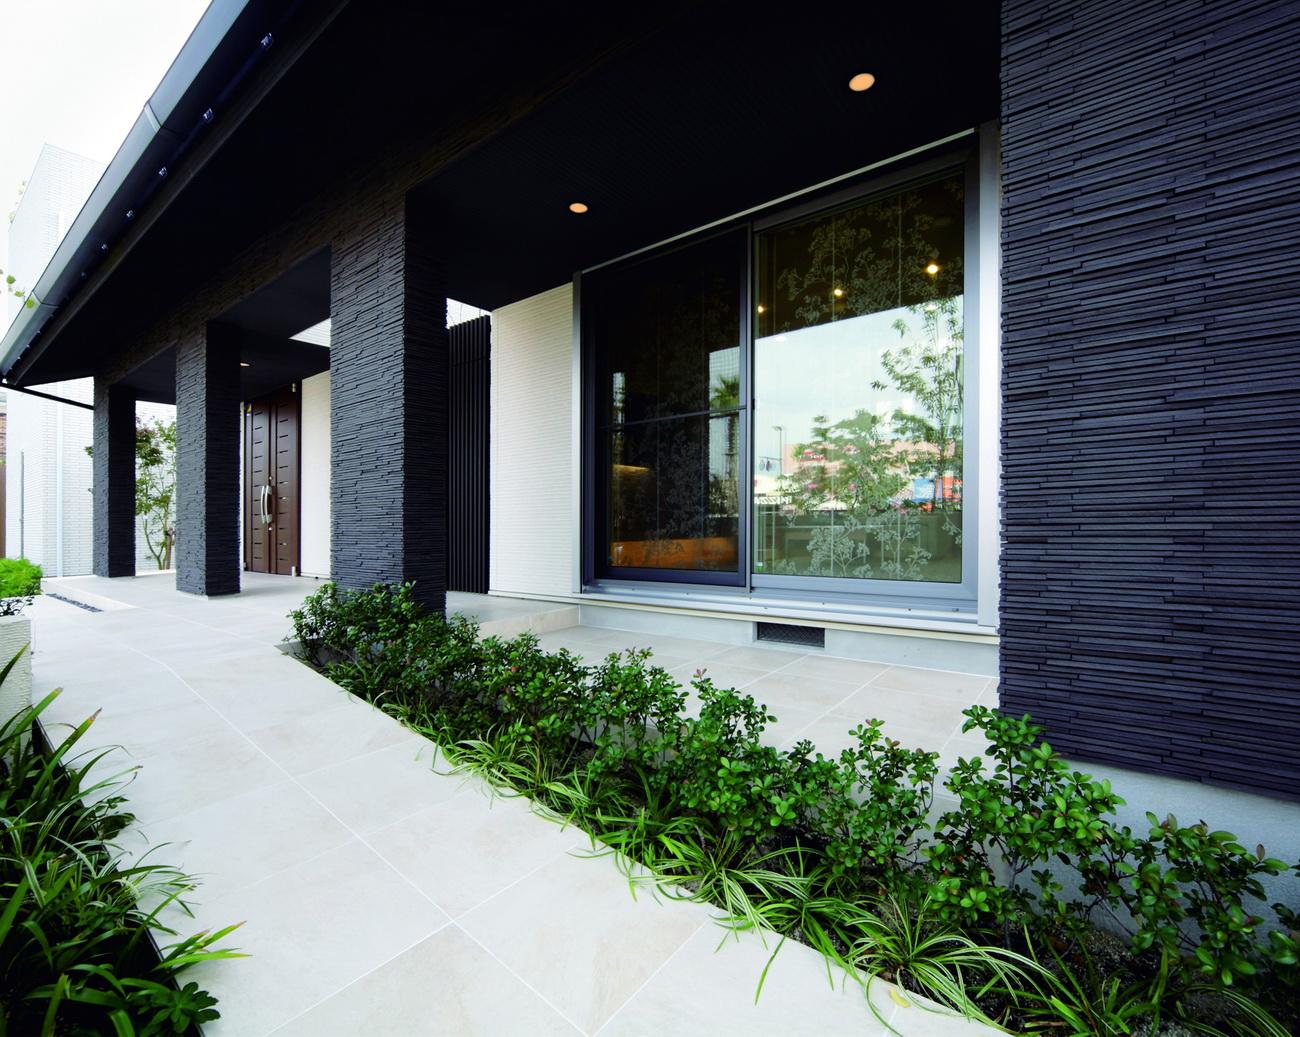 Khả năng chống thấm là điều kiện tiên quyết khi bạn chọn gạch ốp mặt tiền nhà đẹp